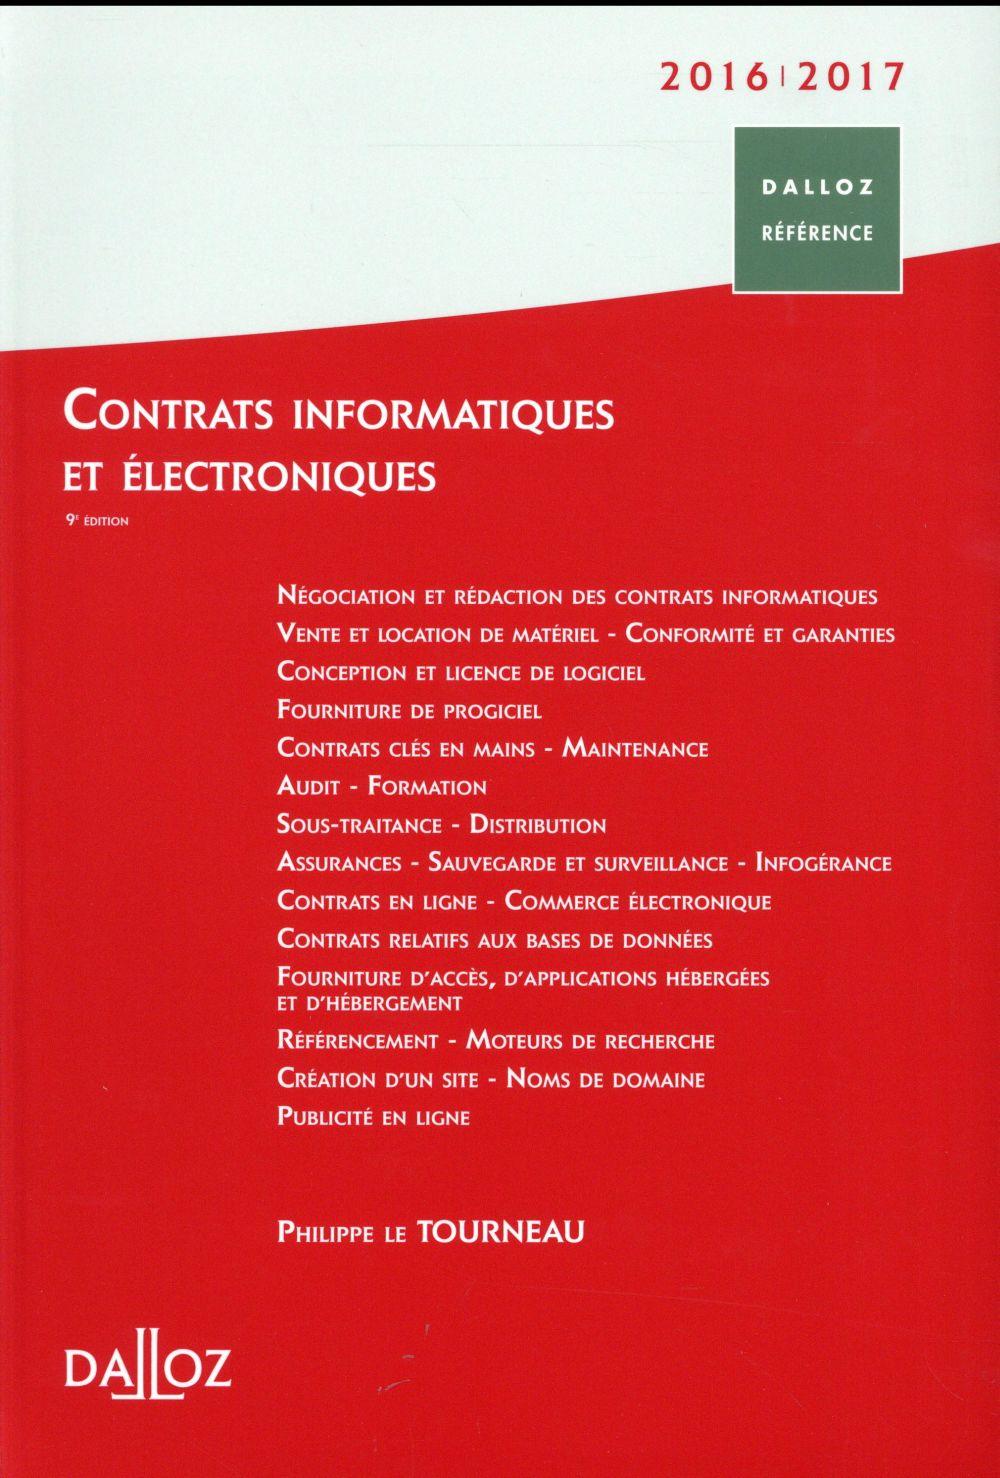 Contrats informatiques et électroniques 2016/2017 (9e édition)